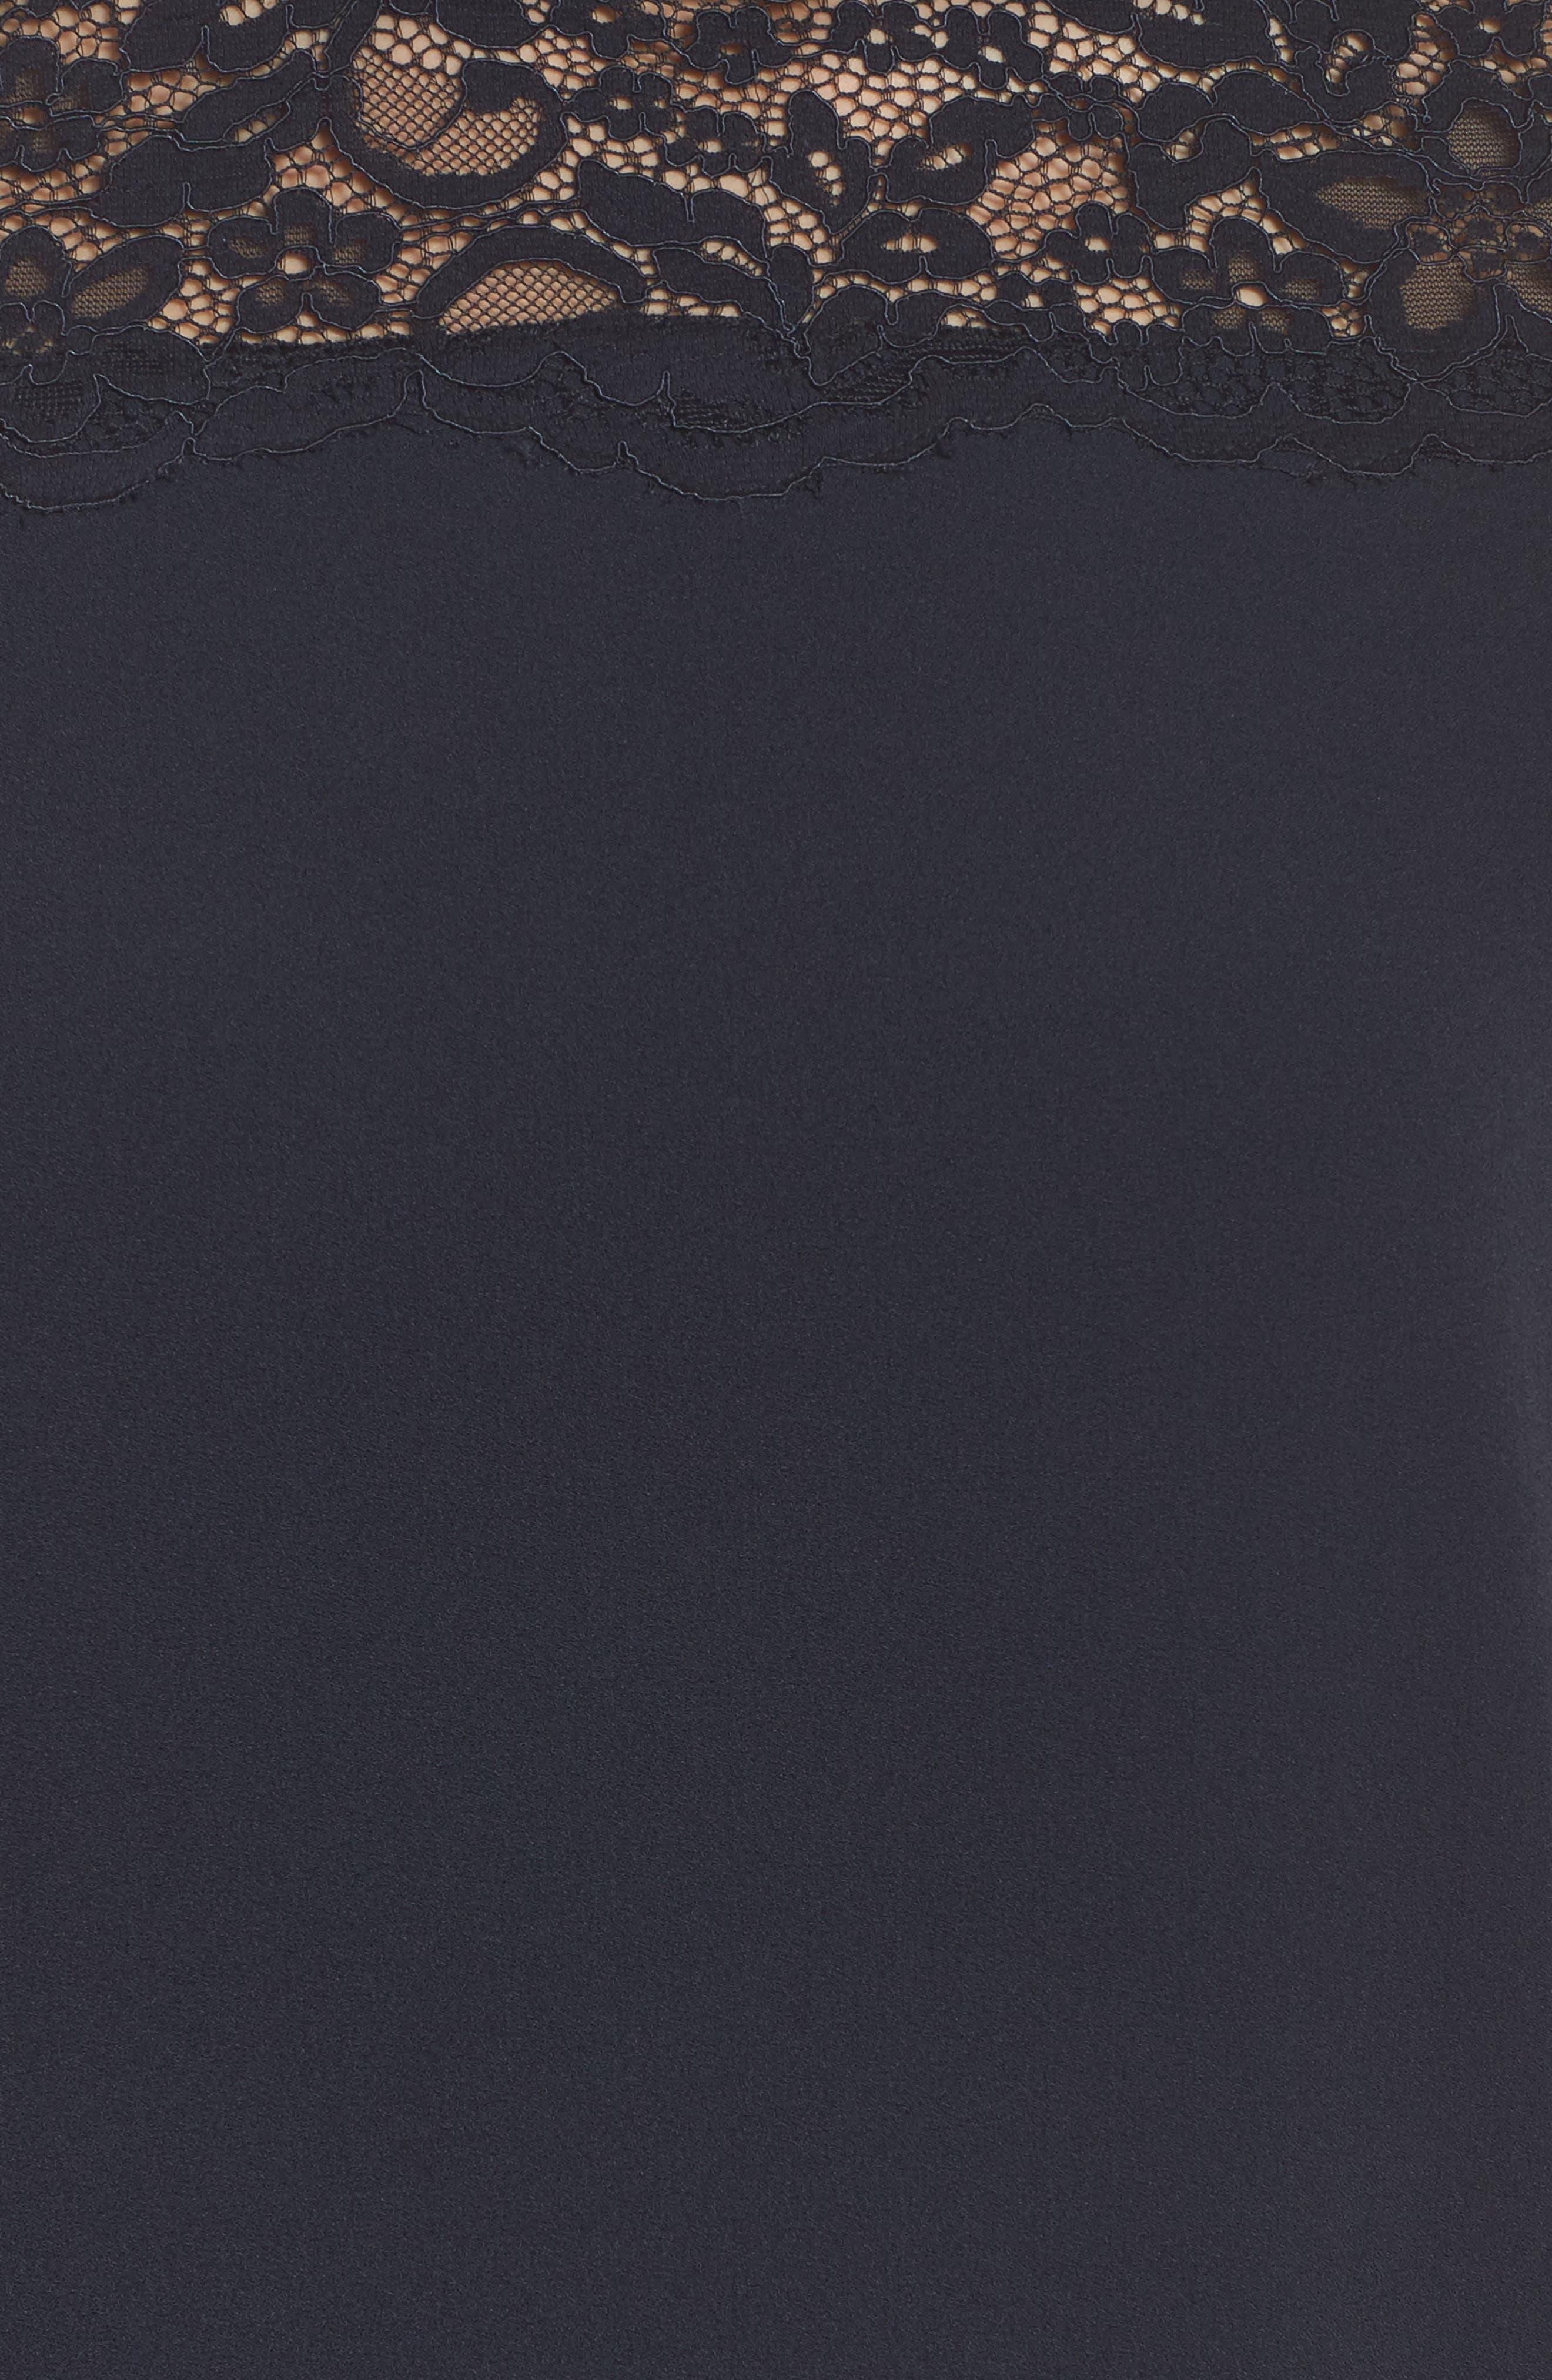 Portofino Lace Detail Shift Dress,                             Alternate thumbnail 5, color,                             400